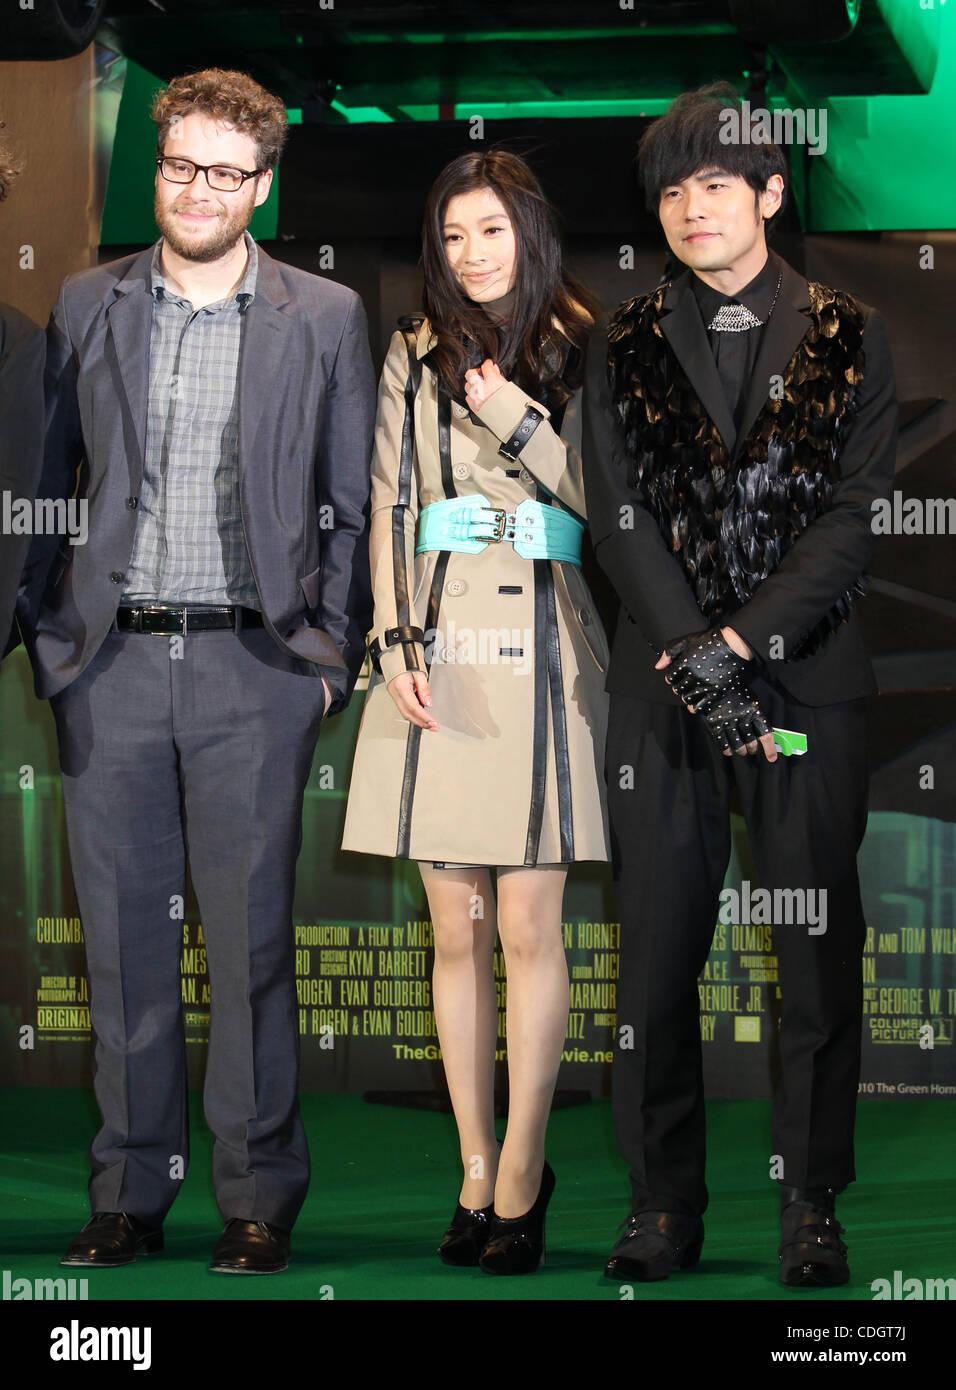 Jan. 20, 2011 - Tokyo, Japan - (L to R) Canadian actor SETH ROGAN, Japanese actress RYOKO SHINOHARA and Taiwanese - Stock Image